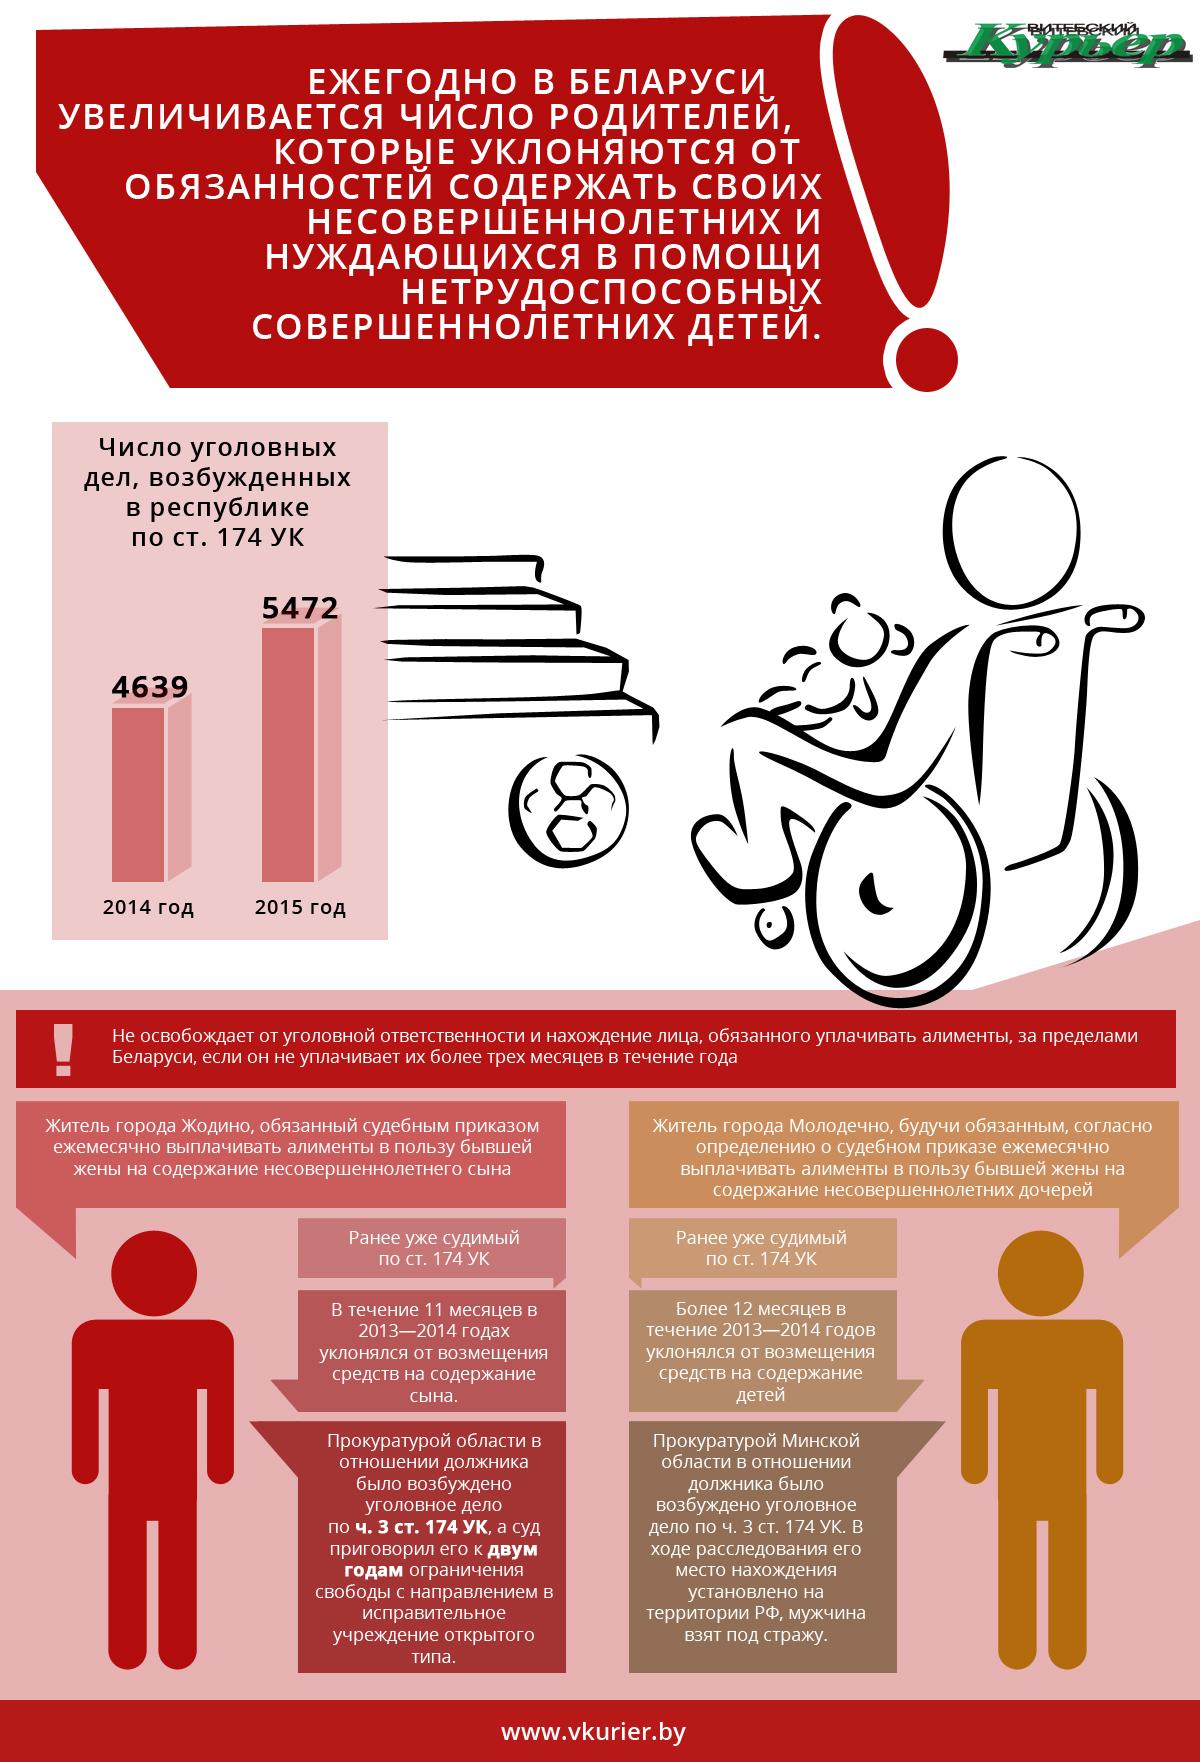 Инфографика про алименты